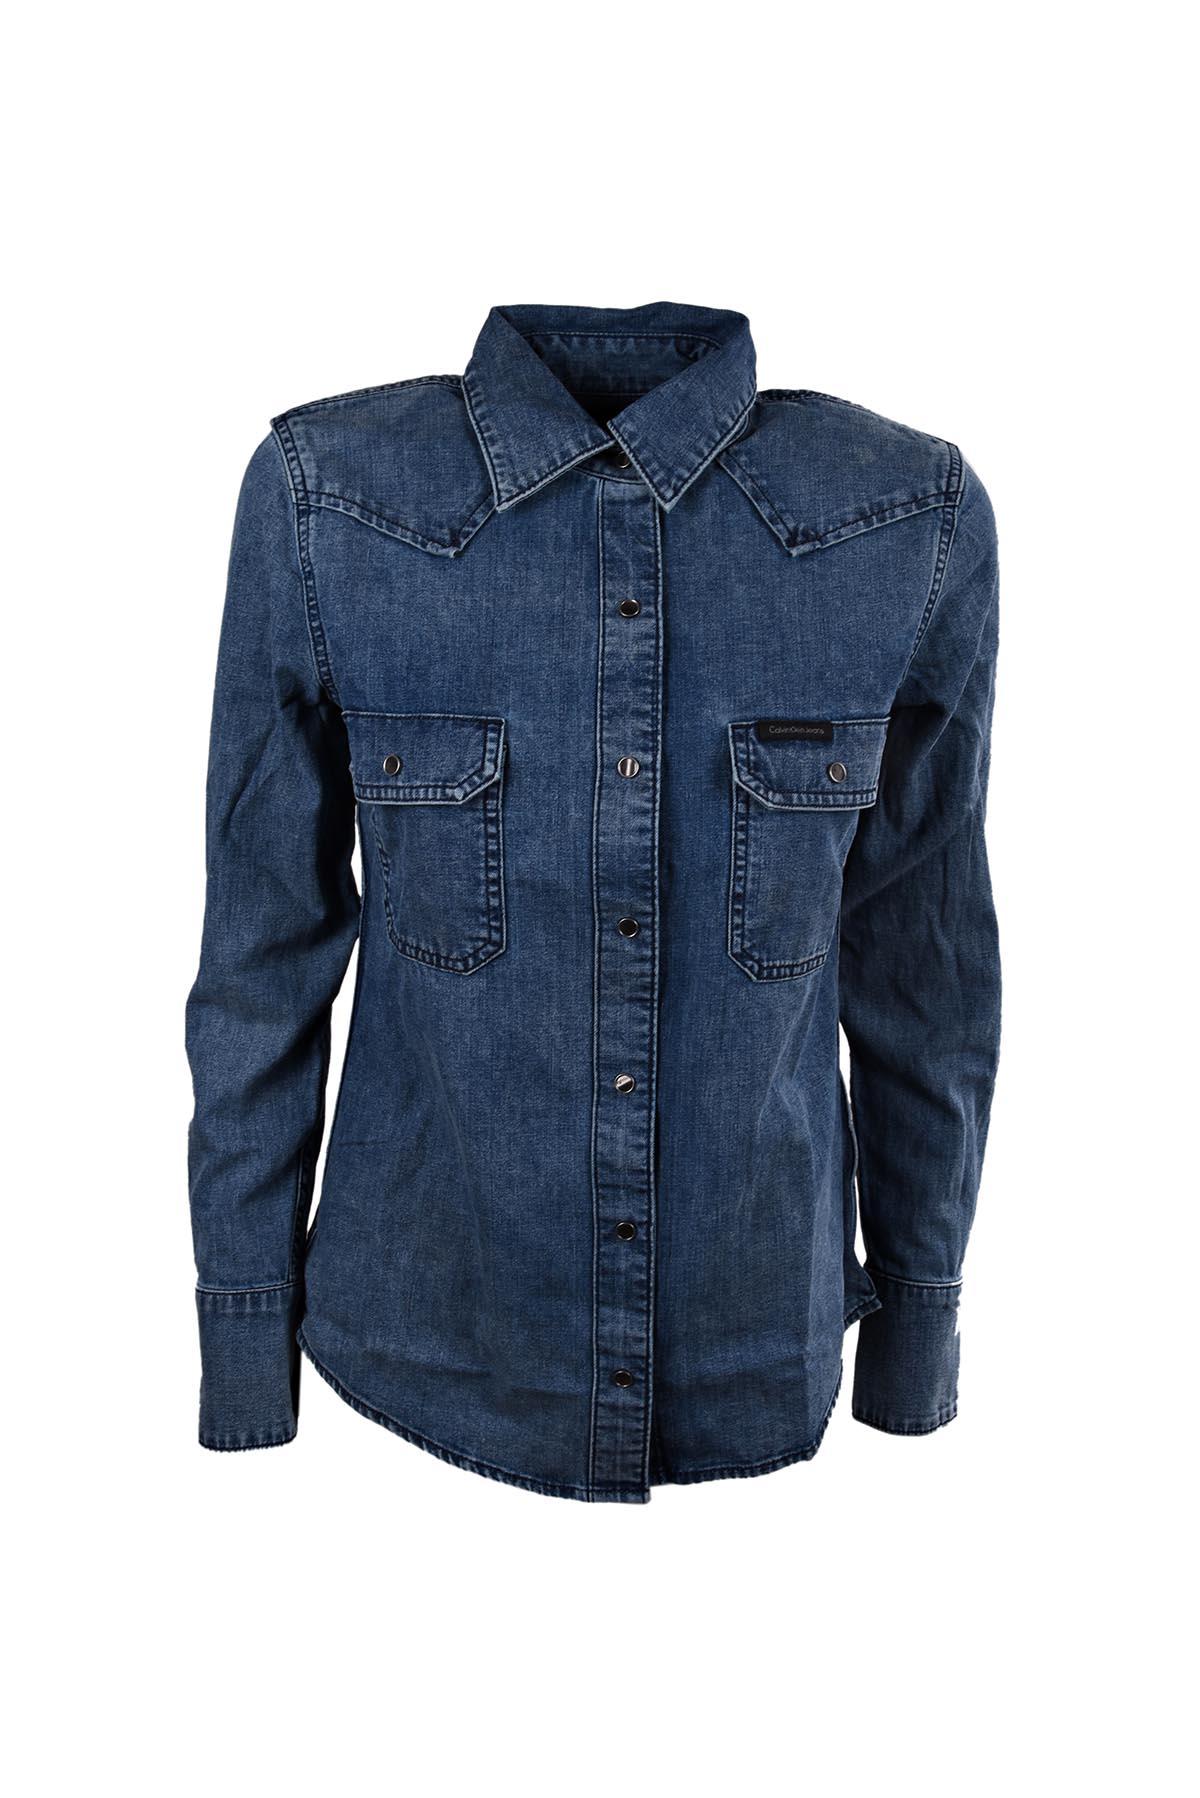 Calvin Klein Jeans Shirt 10392664